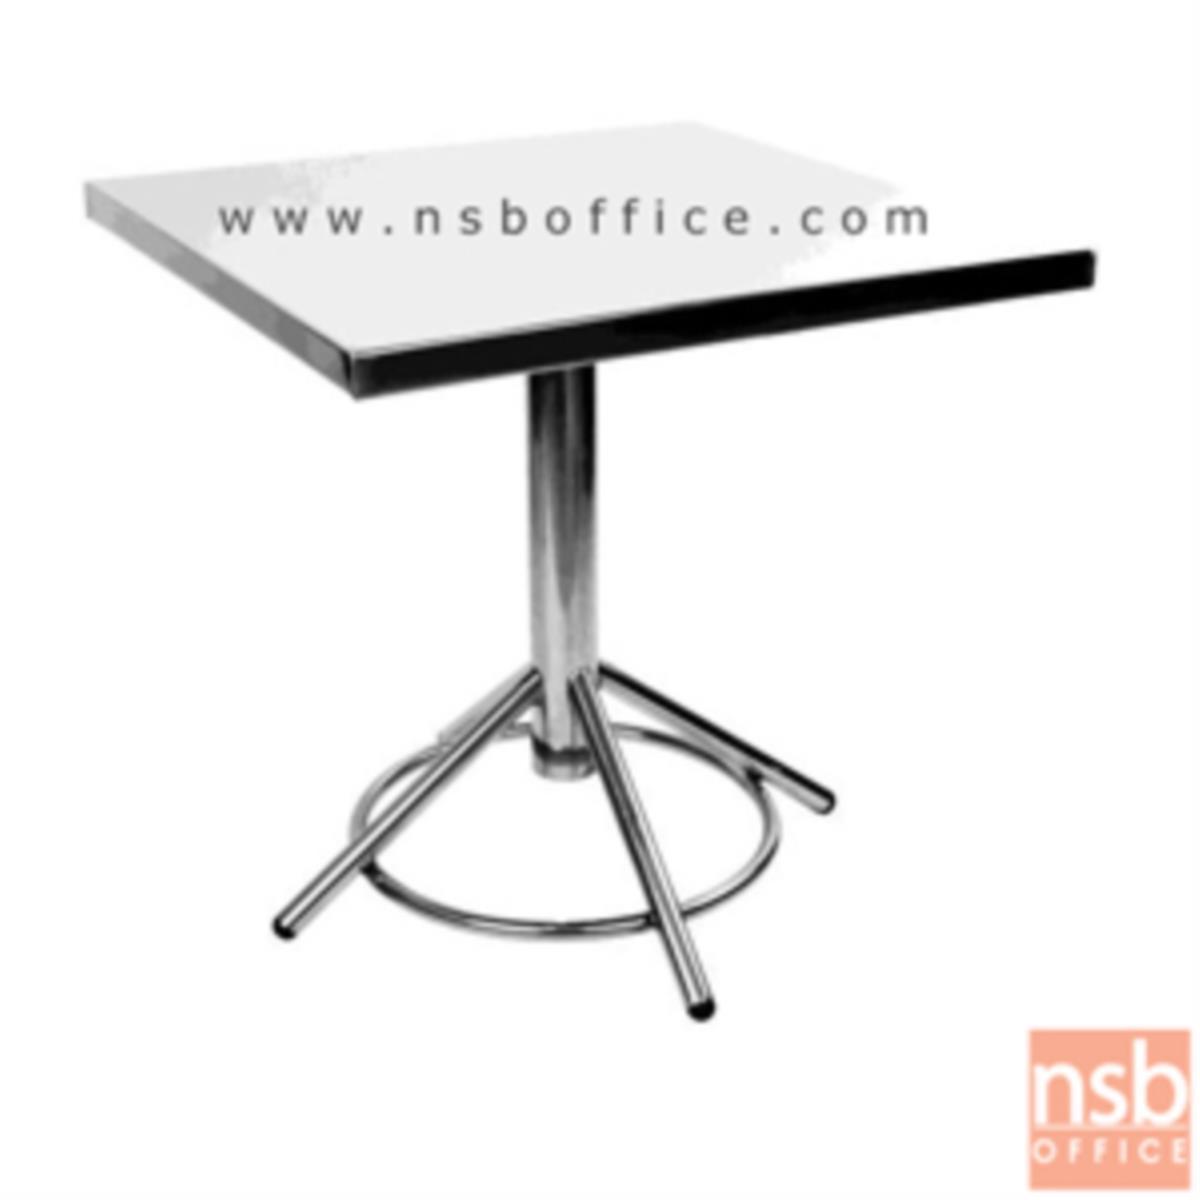 G12A109:โต๊ะหน้าสเตนเลส รุ่น Santina (ซานทิน่า) ขนาด 75W cm.  ขาสเตนเลส